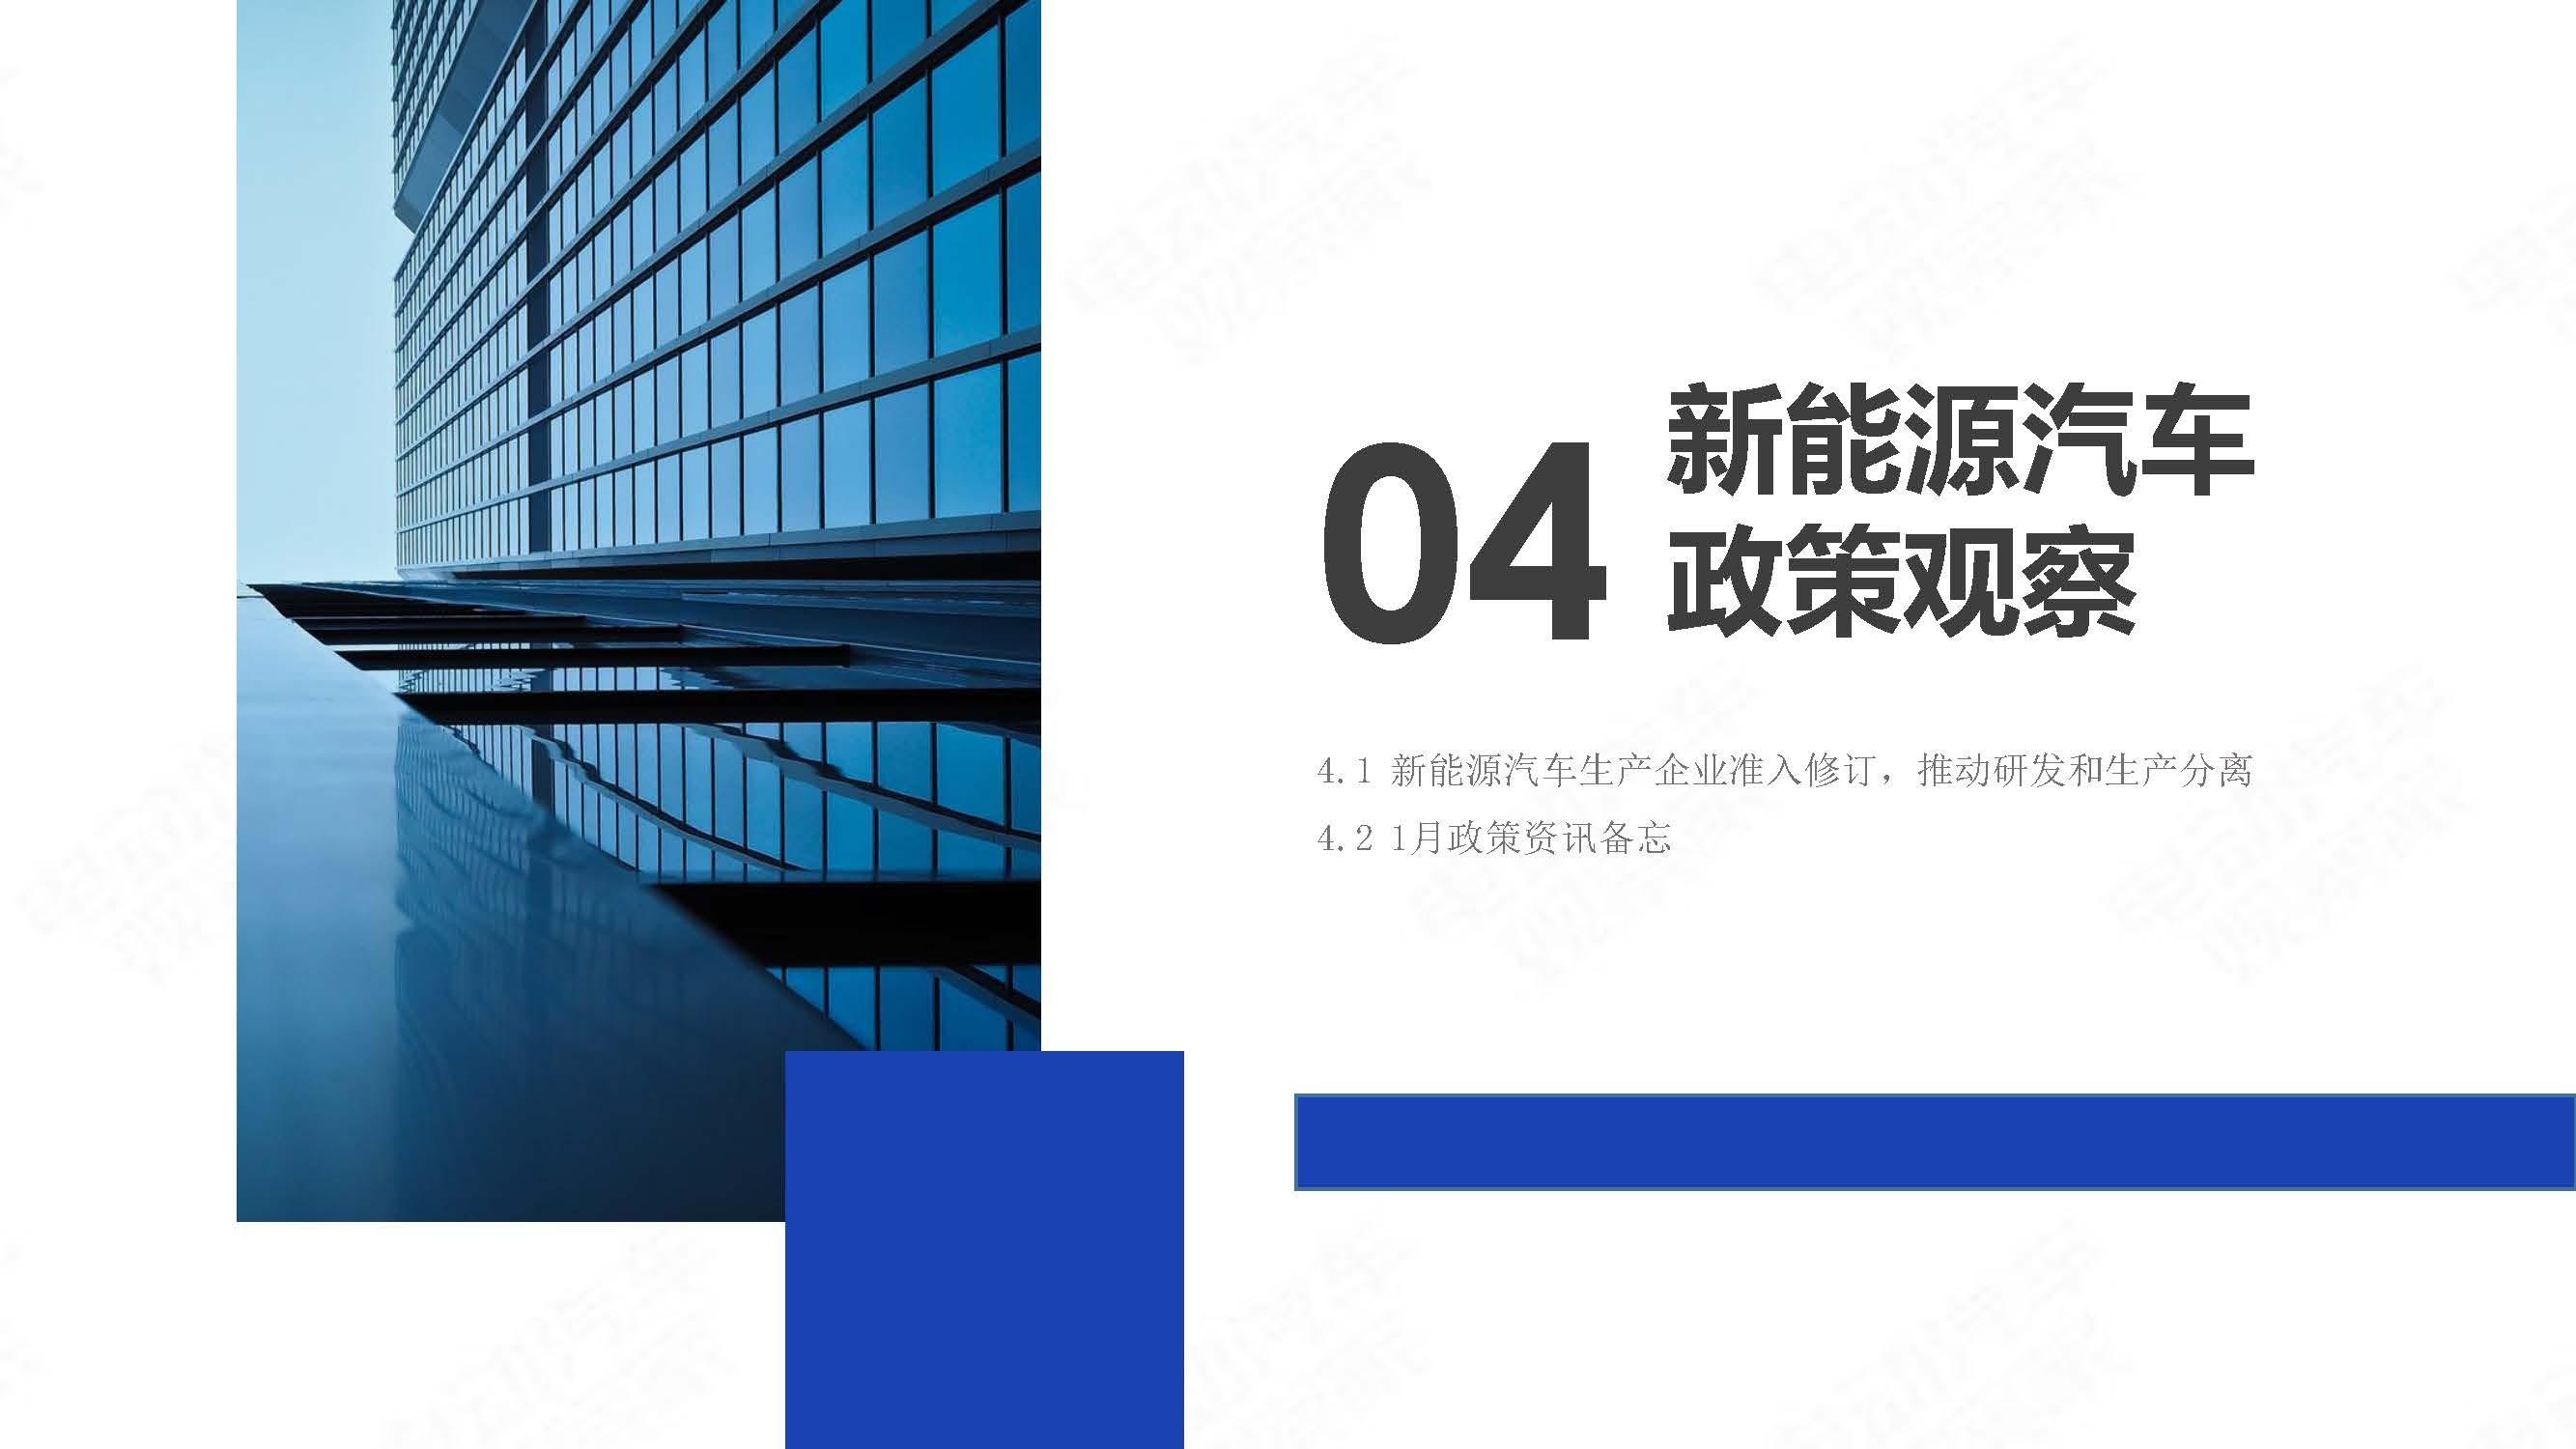 中国新能源汽车产业观察202001简略版_页面_23